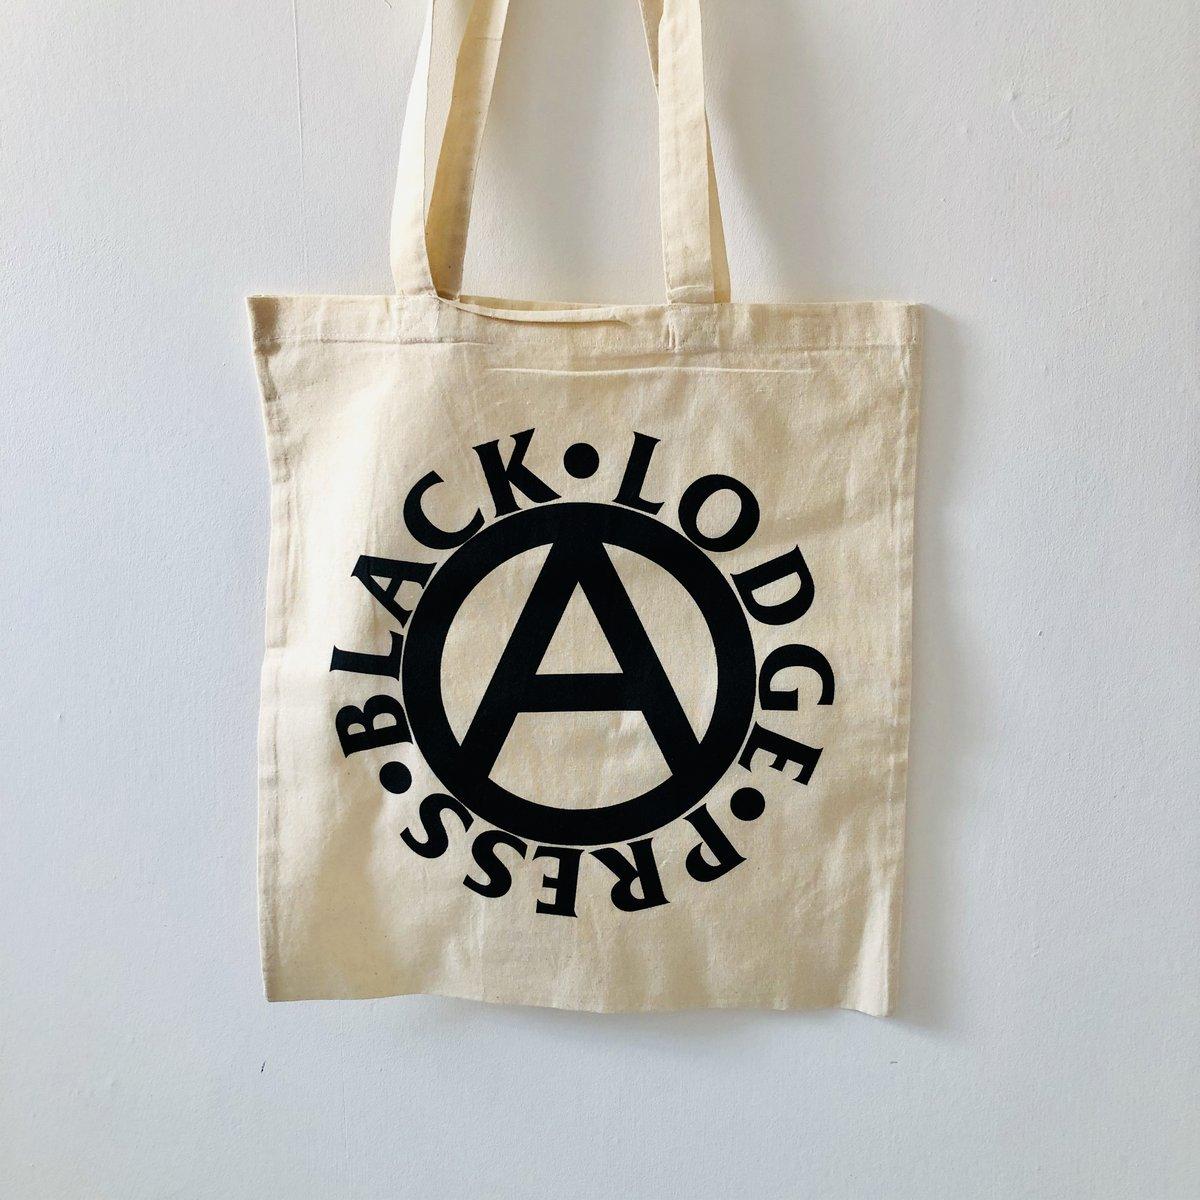 Image of Black Lodge Press tote bag